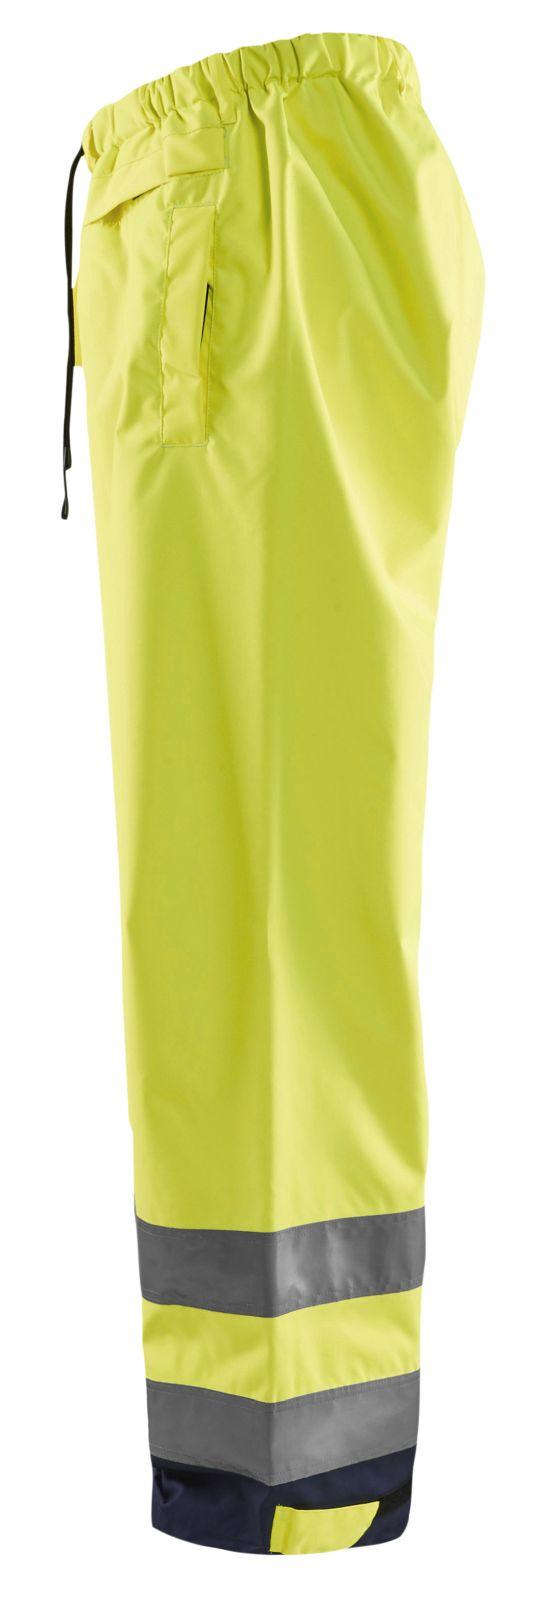 Blaklader Regenbroeken 18631977 High Vis Overbroek geel-marineblauw(3389)